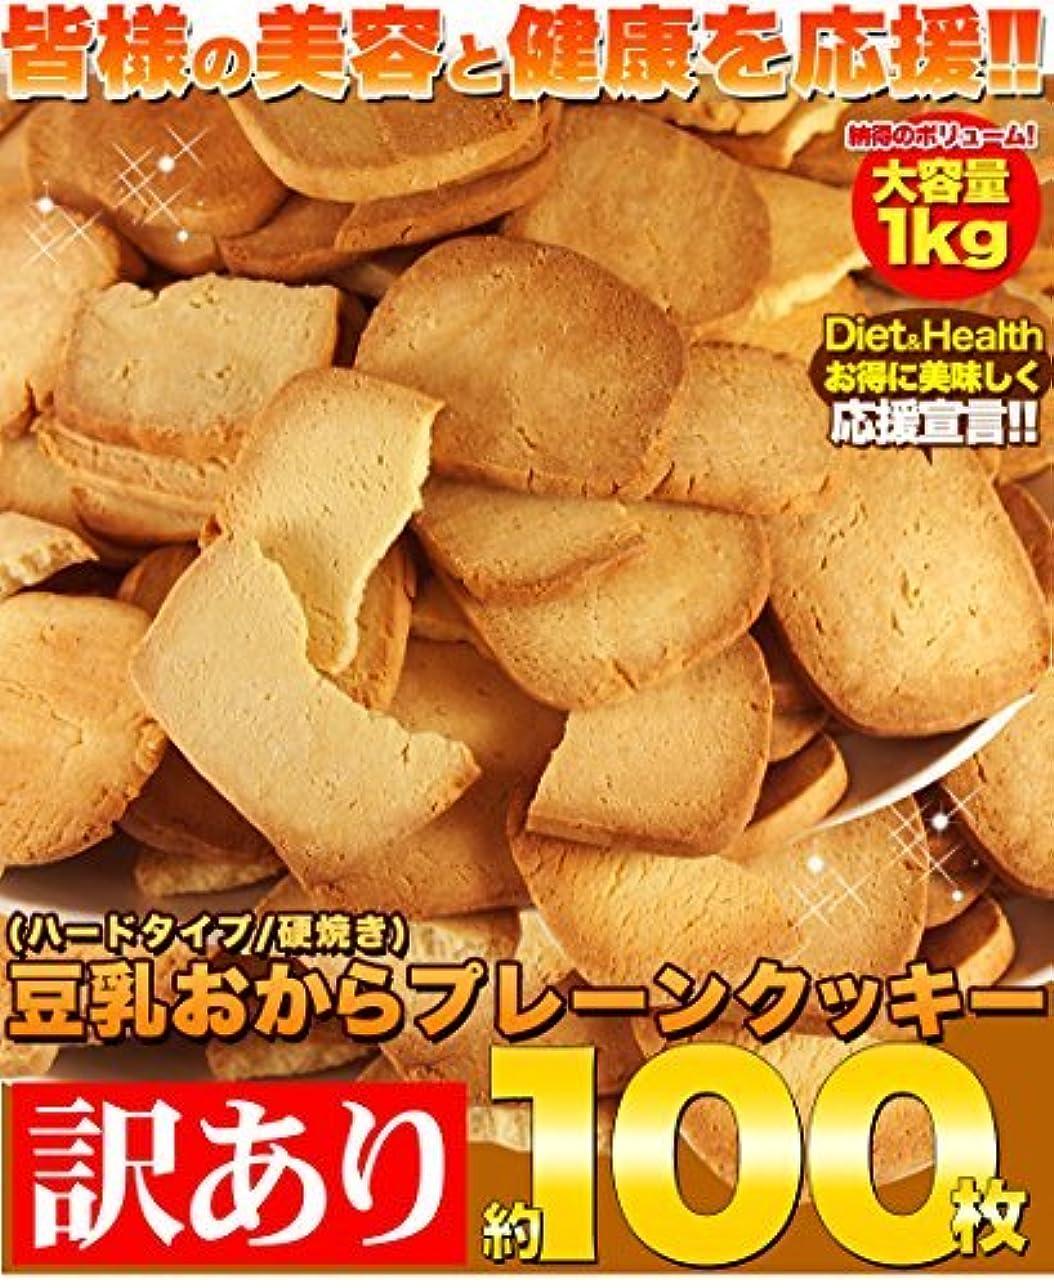 有彩色の記念碑ジェームズダイソンアレンジ次第でダイエットが楽しくなる!プレーンタイプの豆乳おからクッキーが約100枚入って1kg入り!  業界最安値に挑戦!【訳あり】固焼き☆豆乳おからクッキープレーン約100枚1kg?常温?